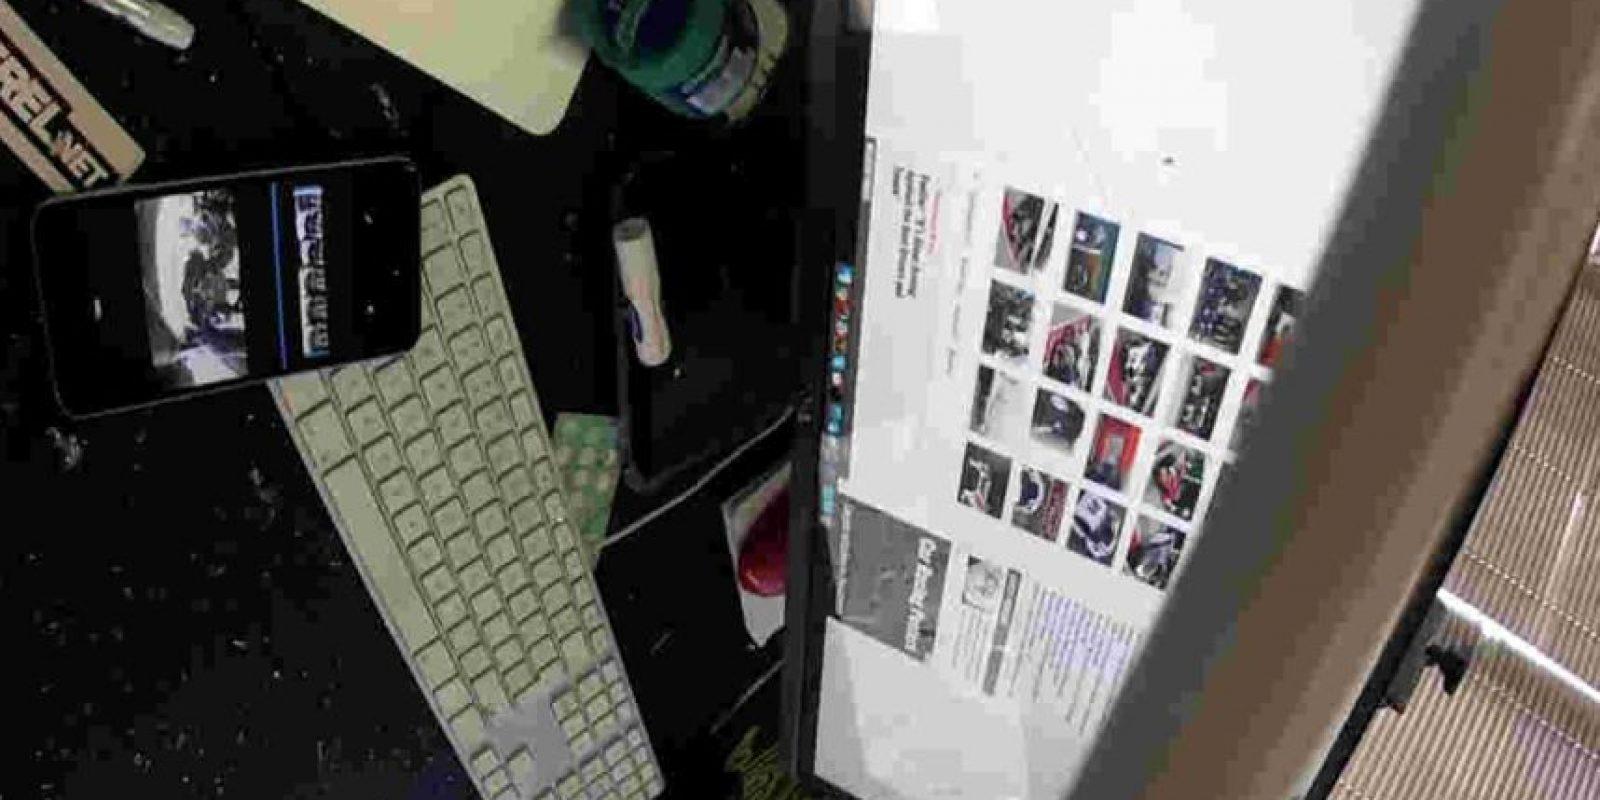 Y fue a dar directo a una firma de diseño, golpeando a Perel. Foto:David Perel